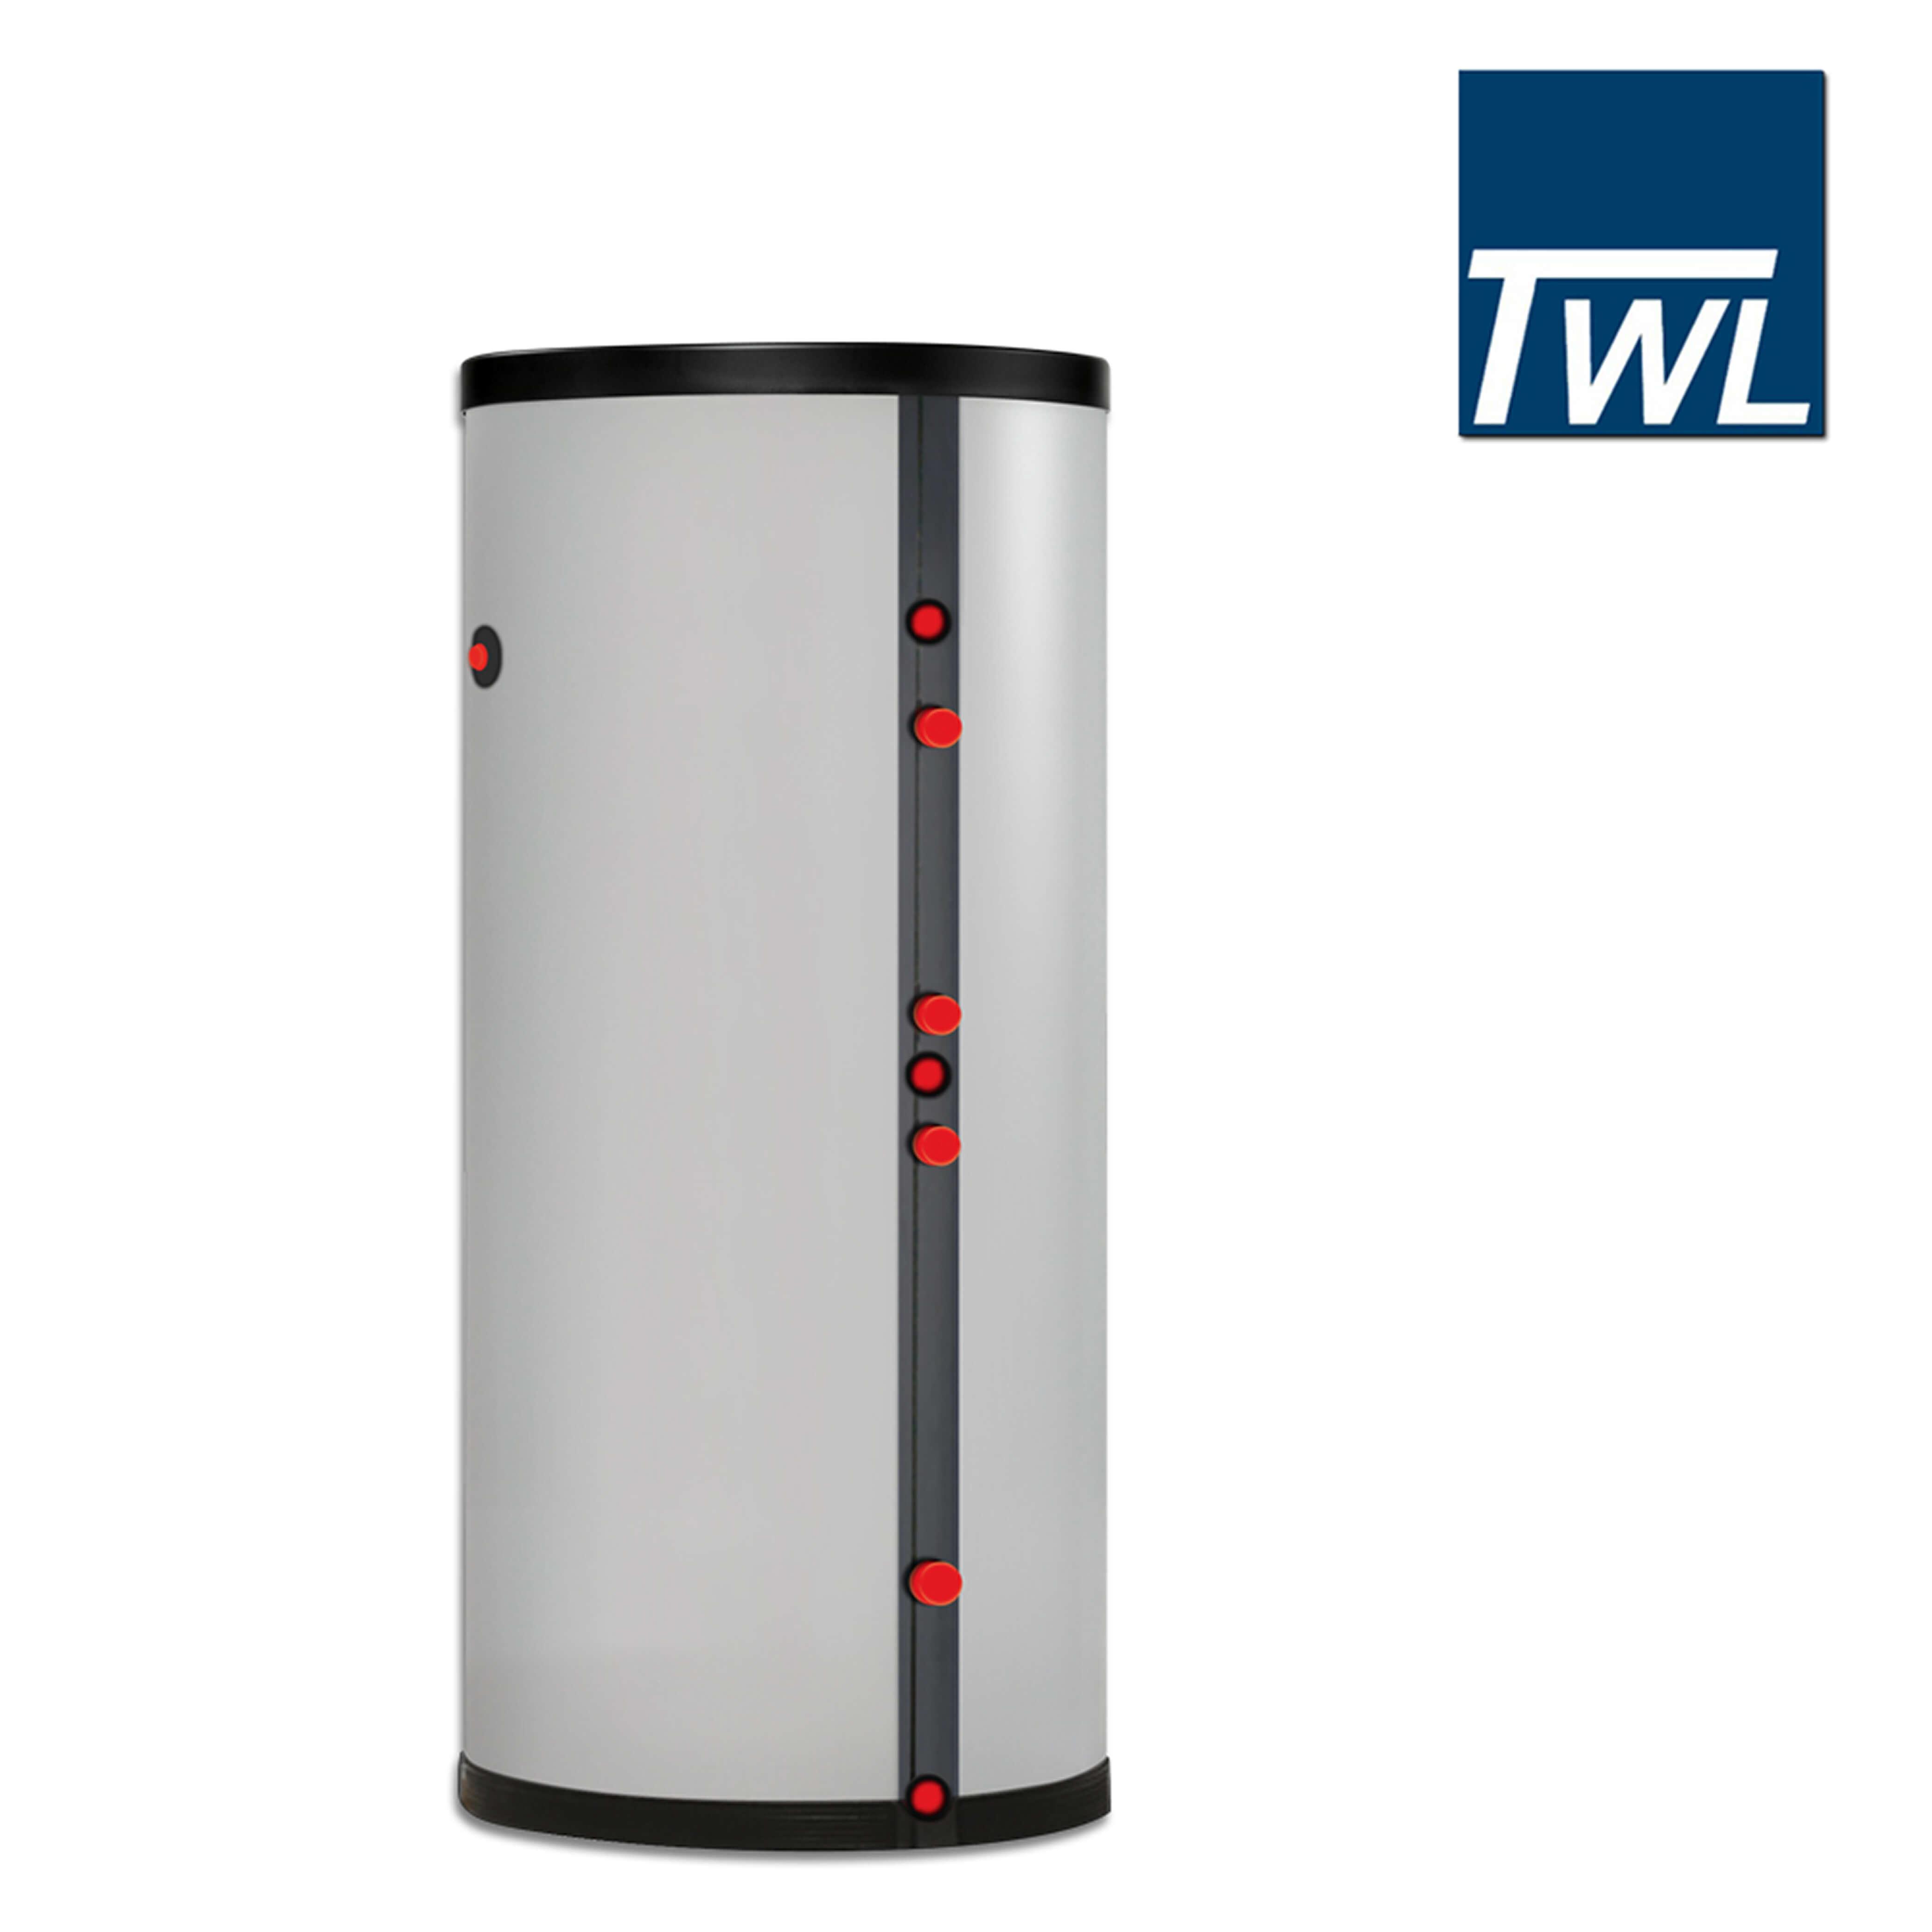 400 liter twl edelstahl solarspeicher typ eso 400 isoliert speichertechnik heizung und. Black Bedroom Furniture Sets. Home Design Ideas